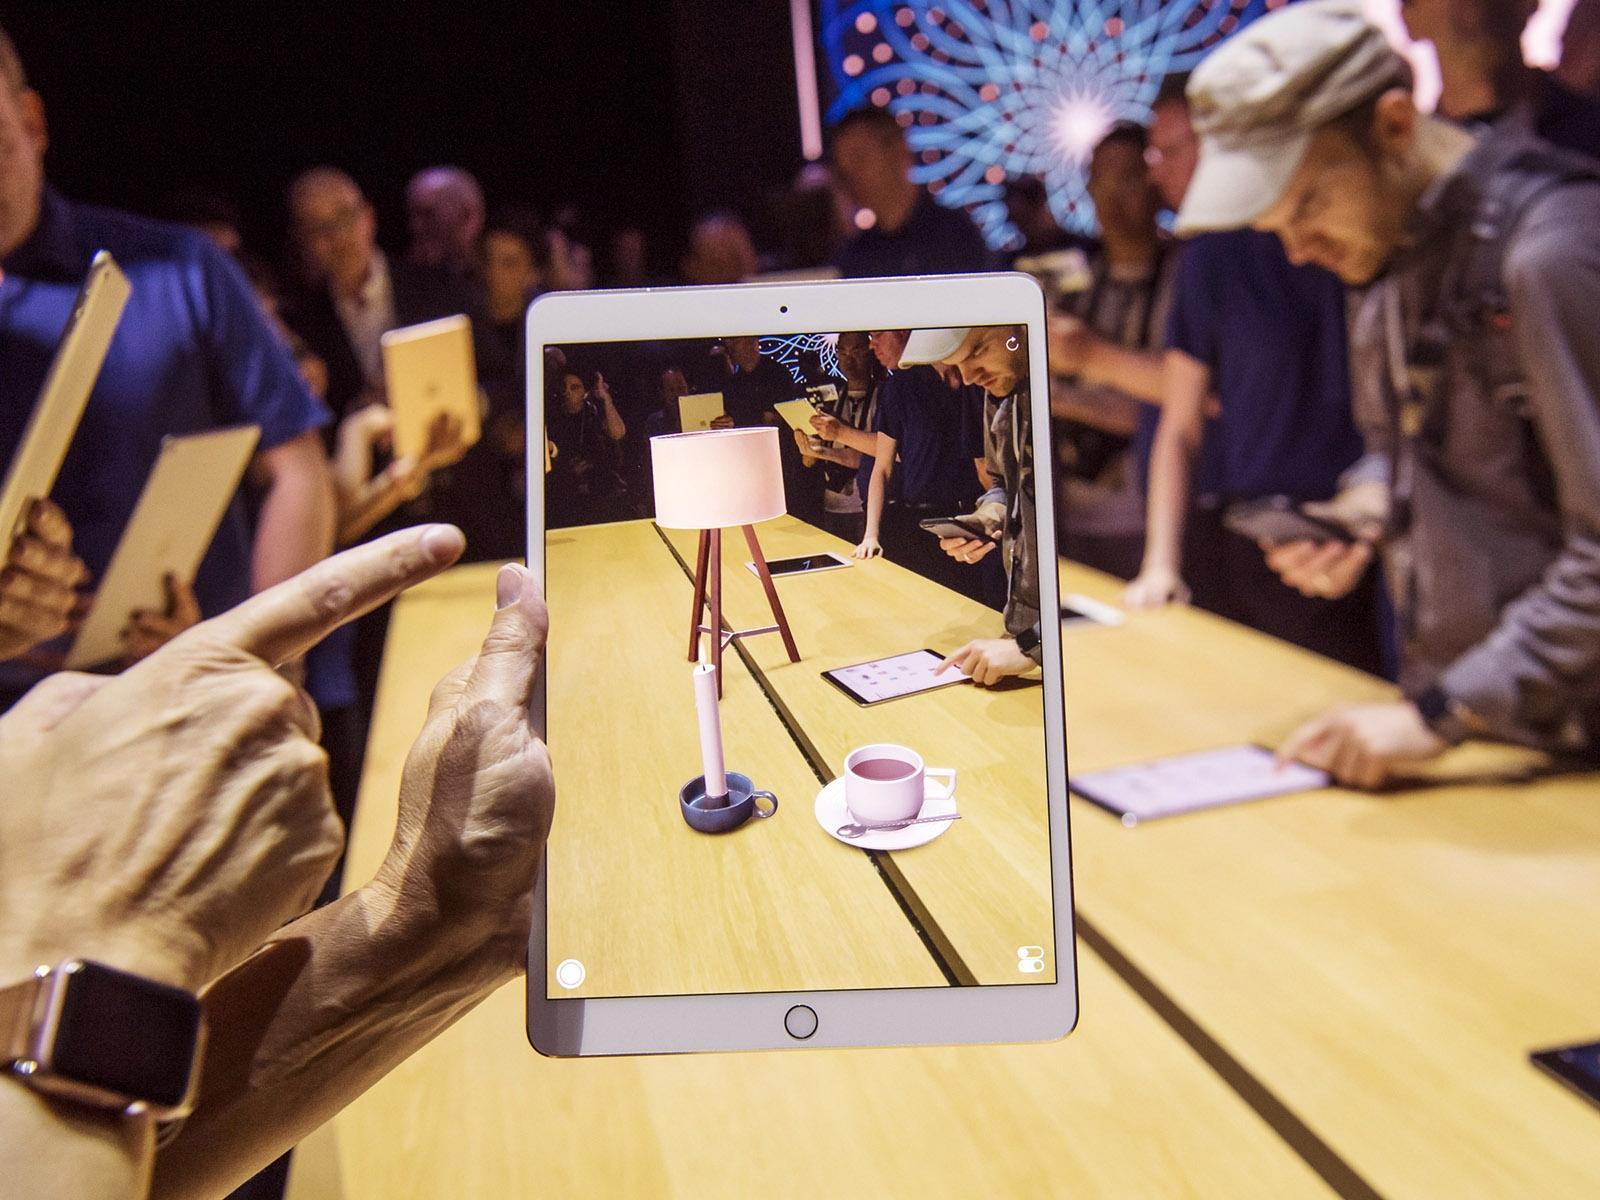 HTC Vive Pro: гарнитура виртуальной реальности сувеличенным разрешением монитора